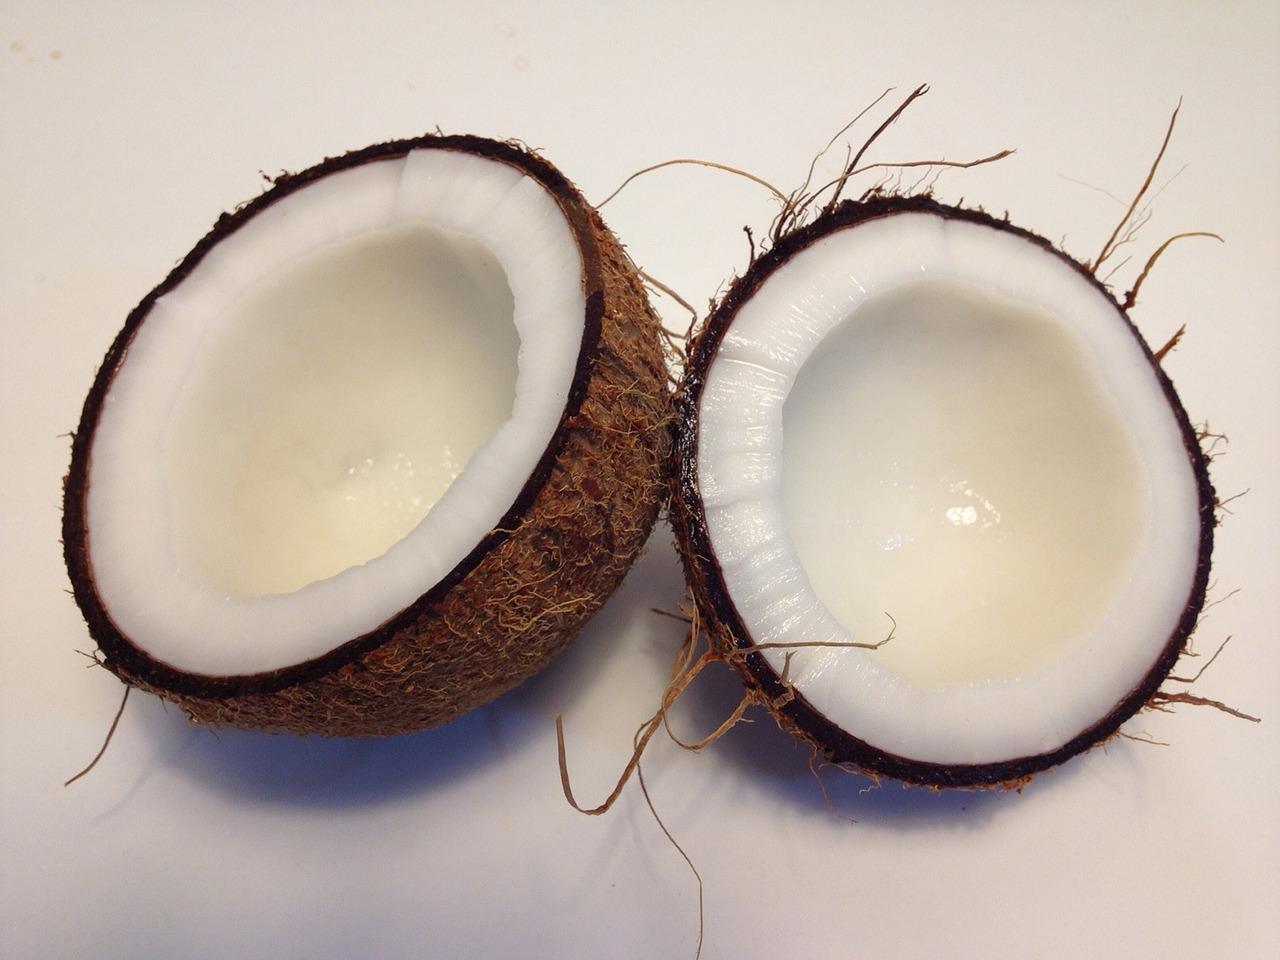 coconut water kefir brew